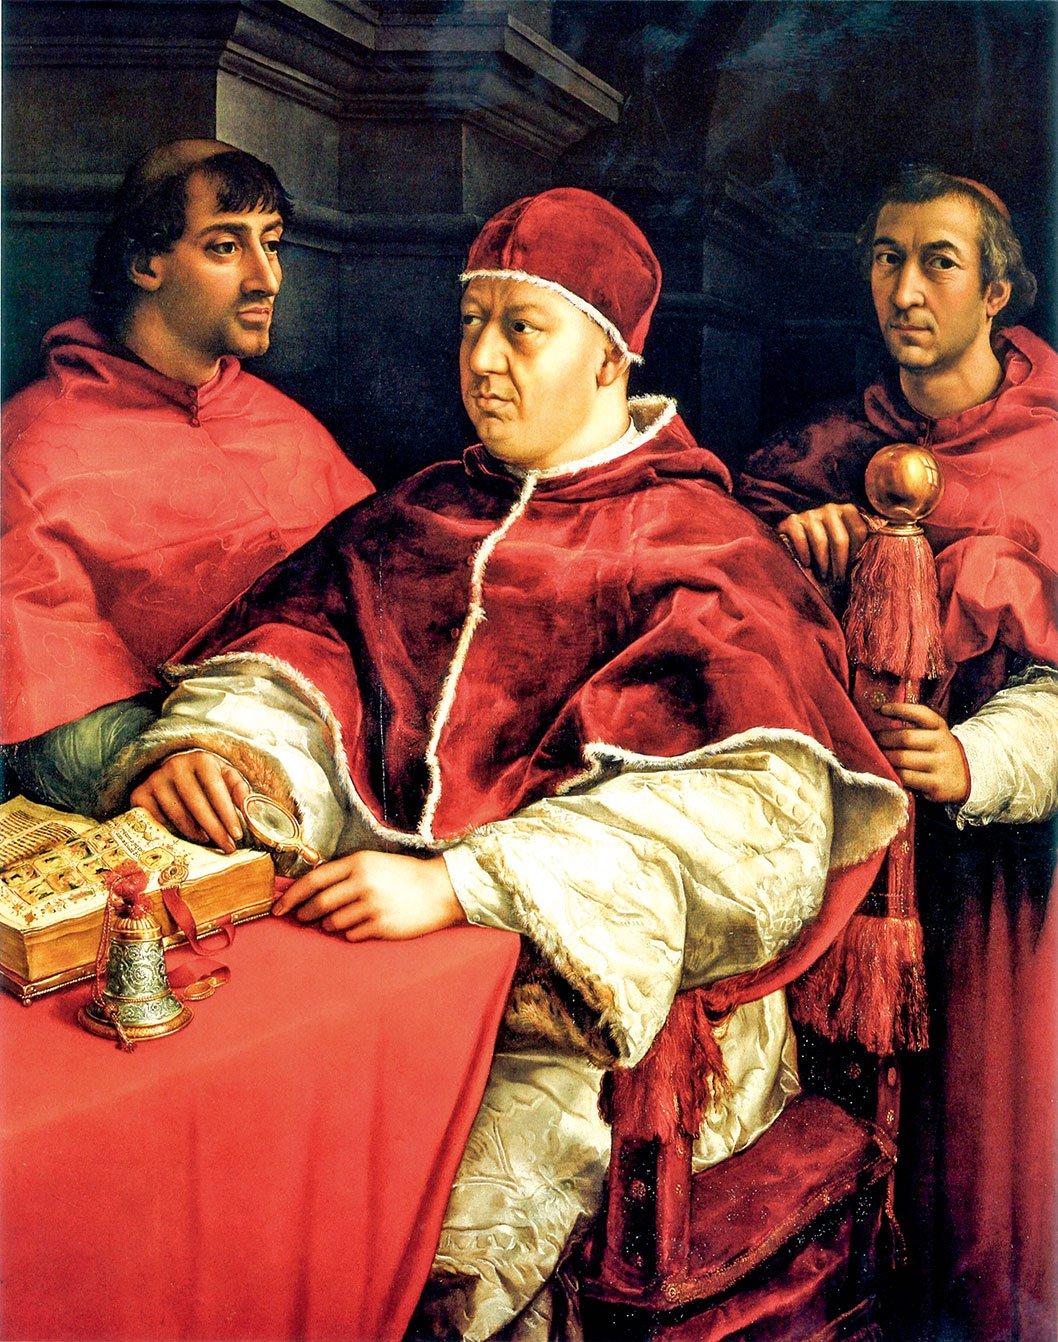 拉斐爾的作品《教宗利奧十世及兩位紅衣主教》(Portrait of Pope Leo X between Cardinals Giulio de' Medici (L) and Luigi de' Rossi),1518~1519年。油彩、畫板,154 x 119公分。收藏於佛羅倫斯烏菲茲美術館。(公有領域)